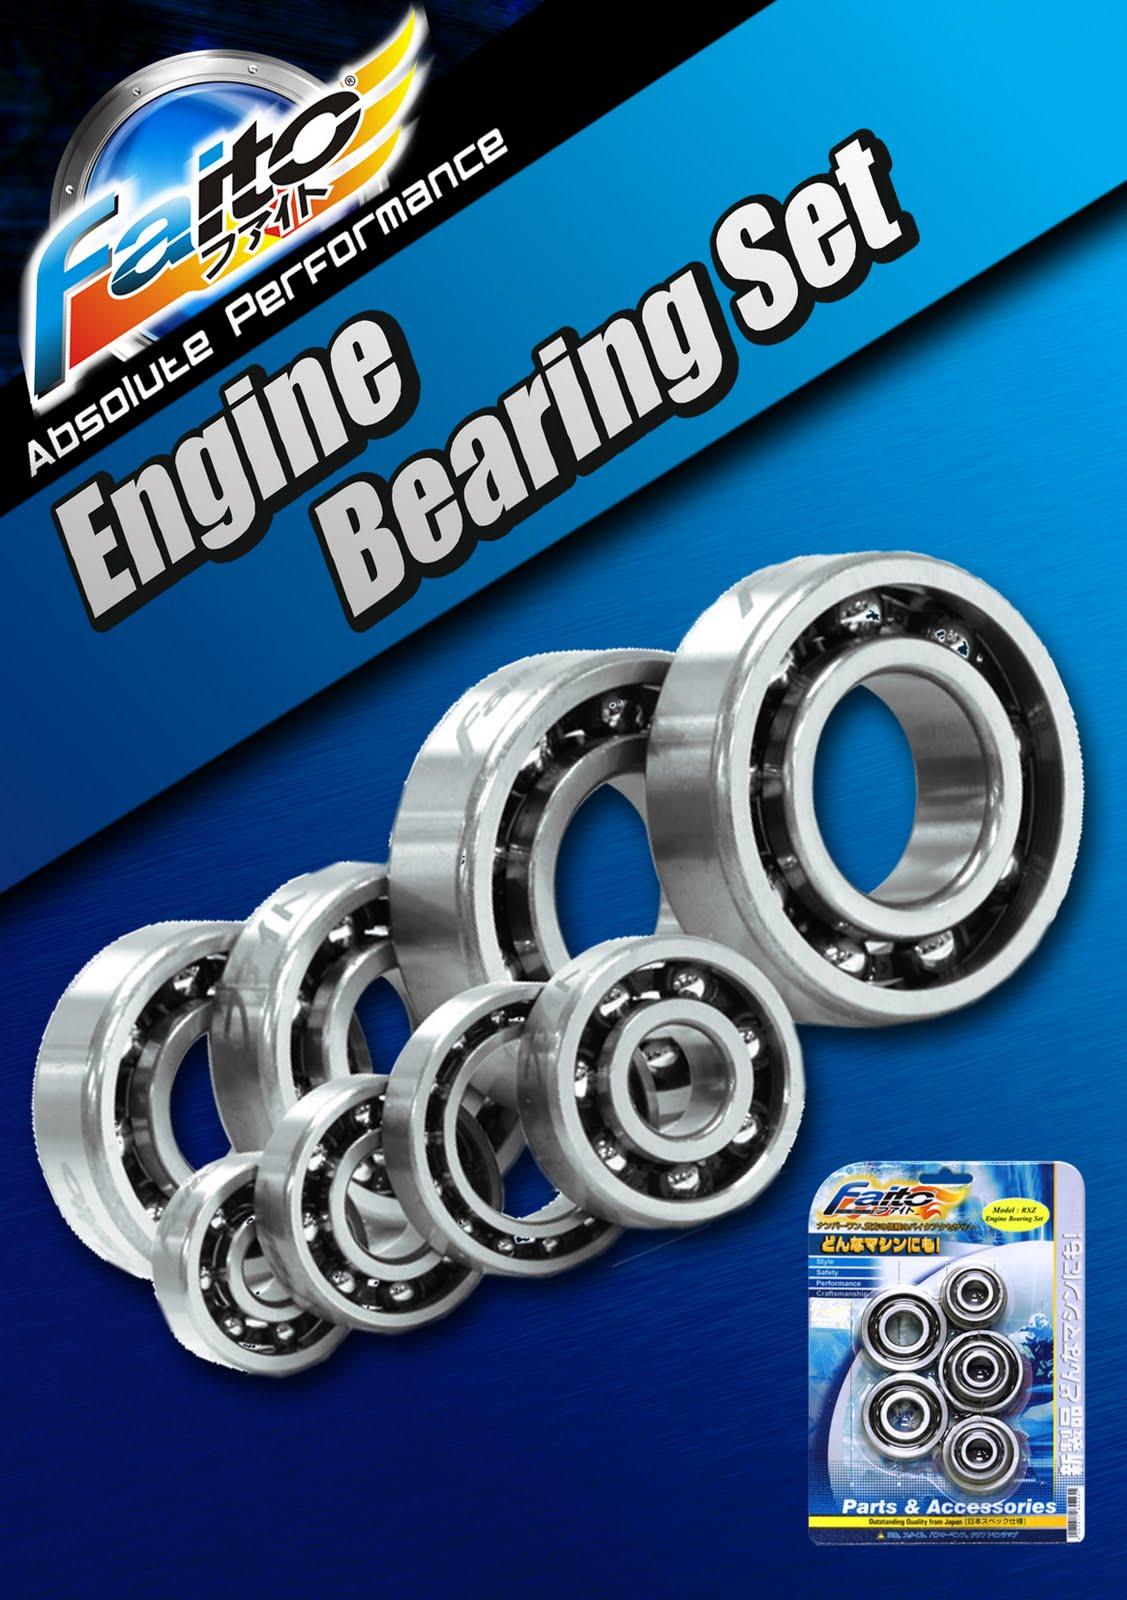 faito bearing. faito racing engine bearing set.